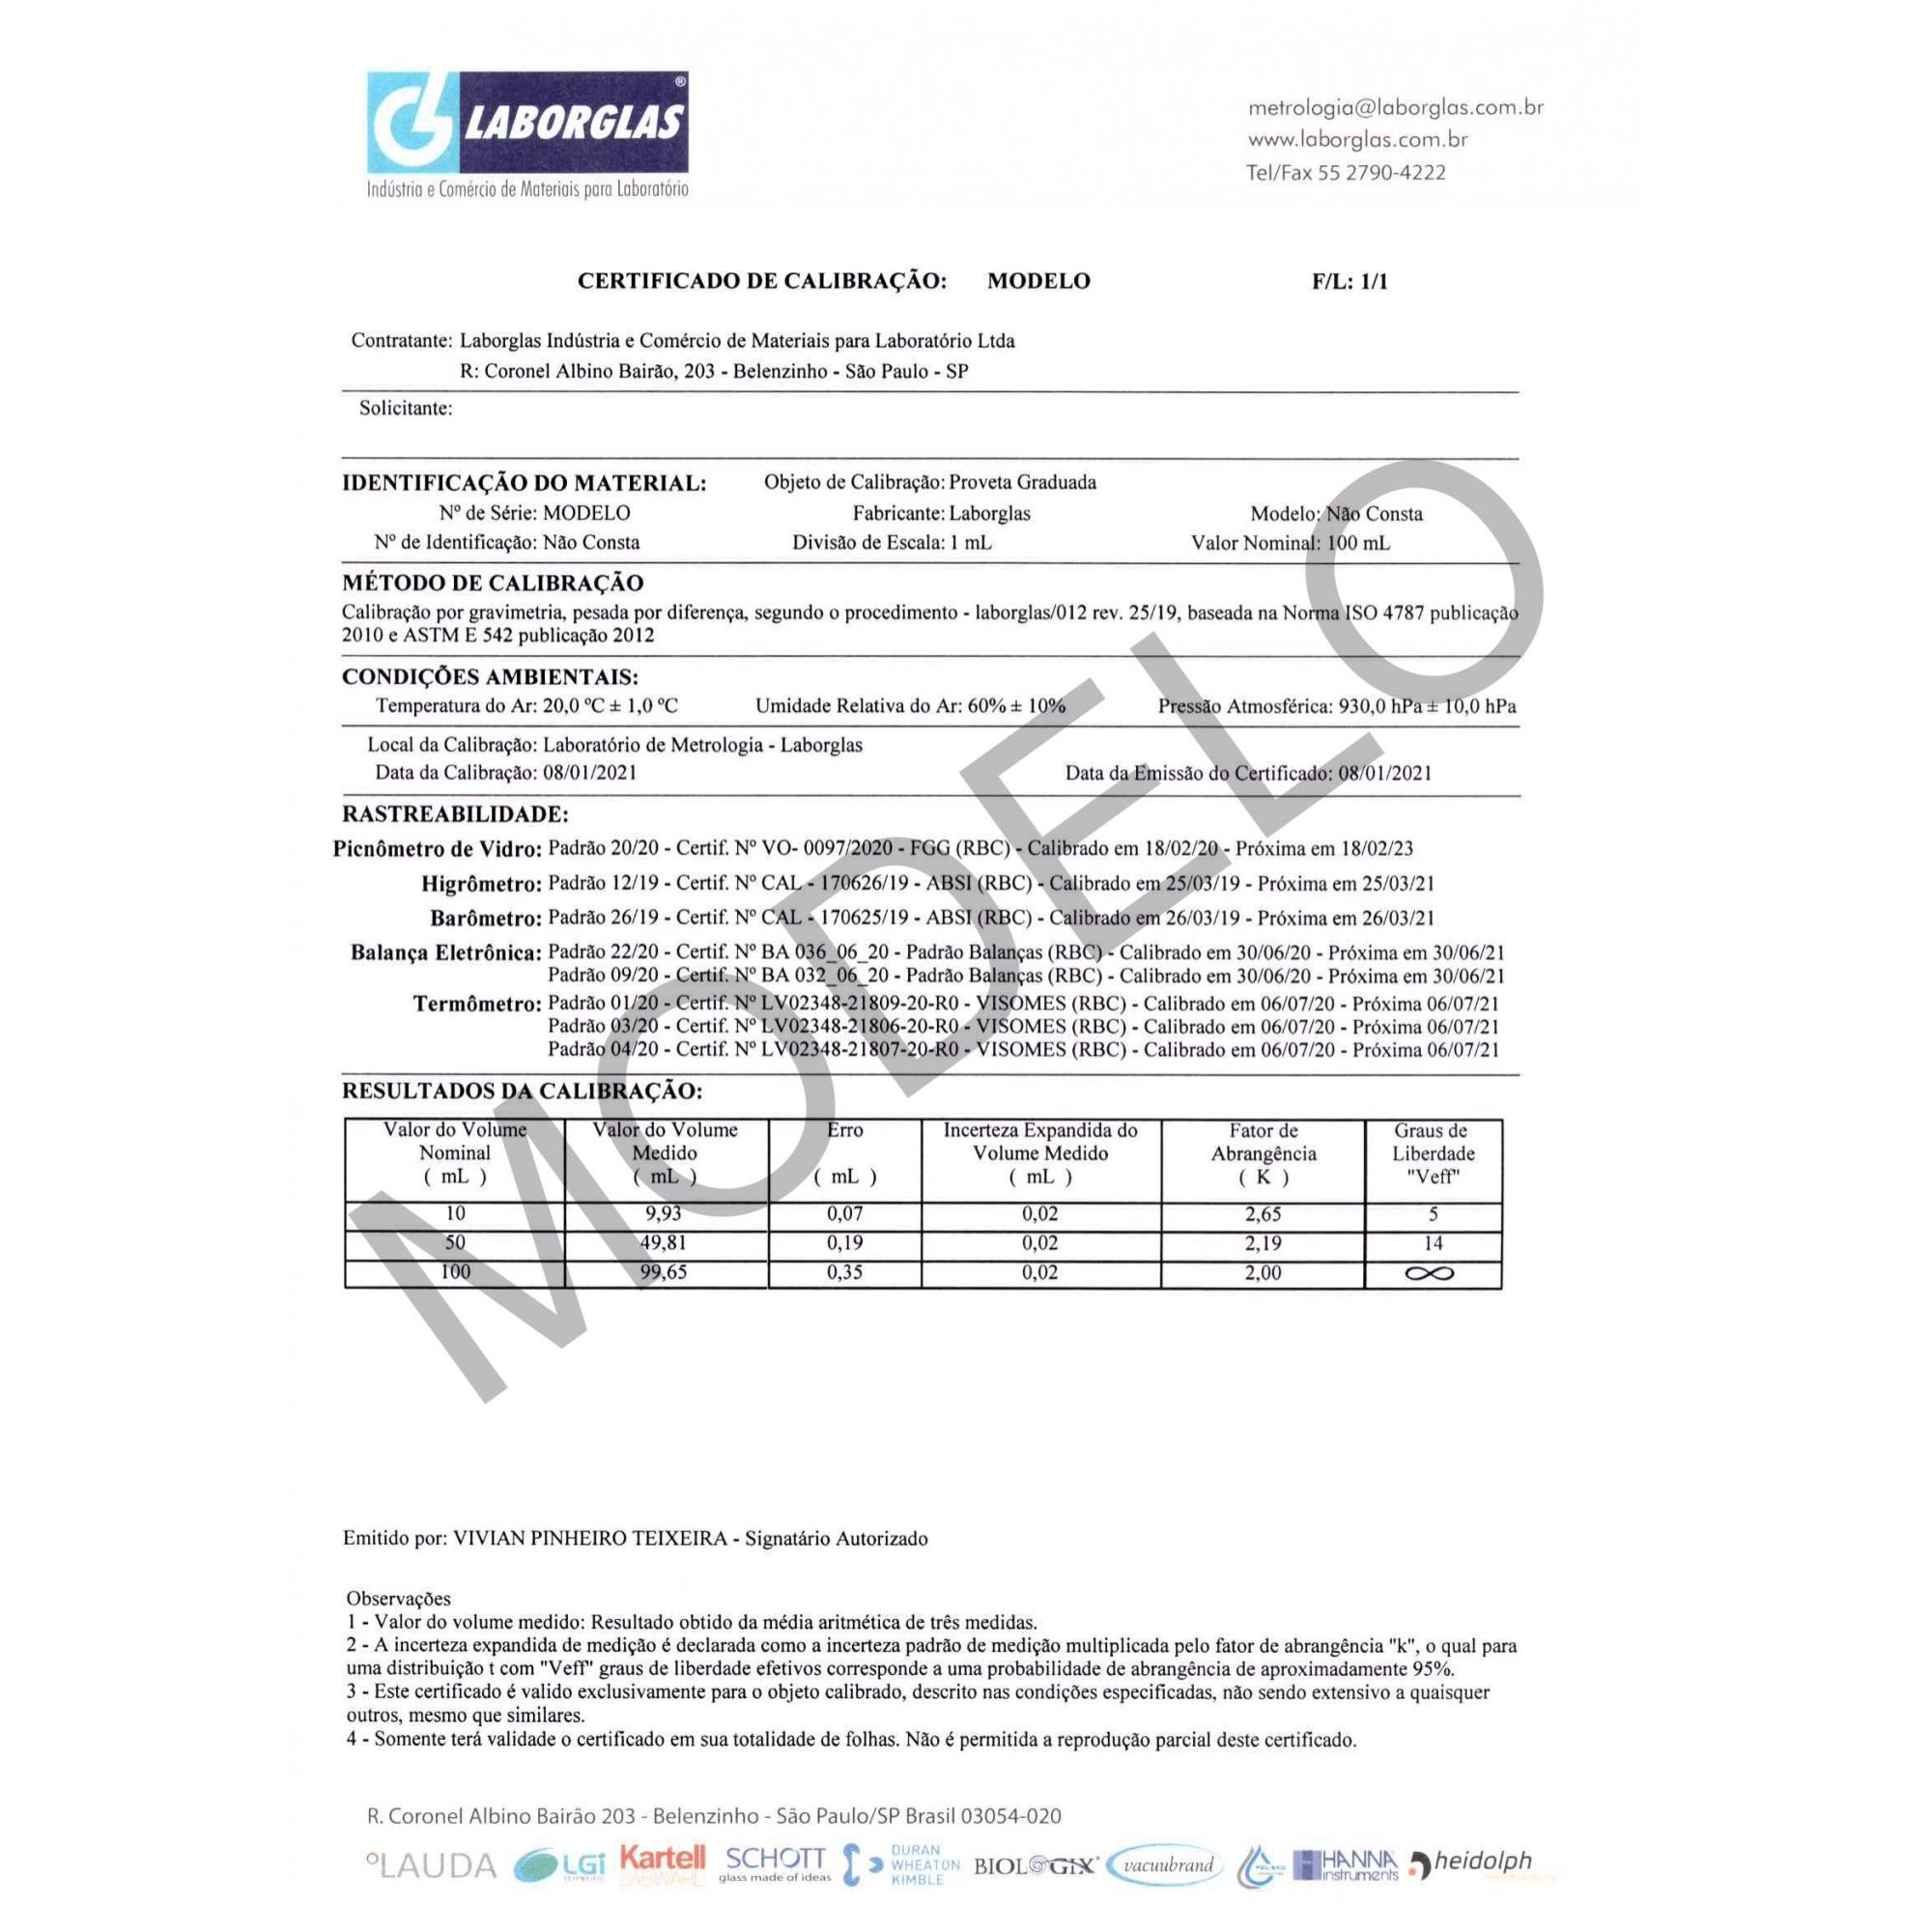 PROVETA GRADUADA BASE HEXAGONAL DE VIDRO 50 ML CERTIFICADO RASTREÁVEL - Laborglas - Cód. 9139617-C